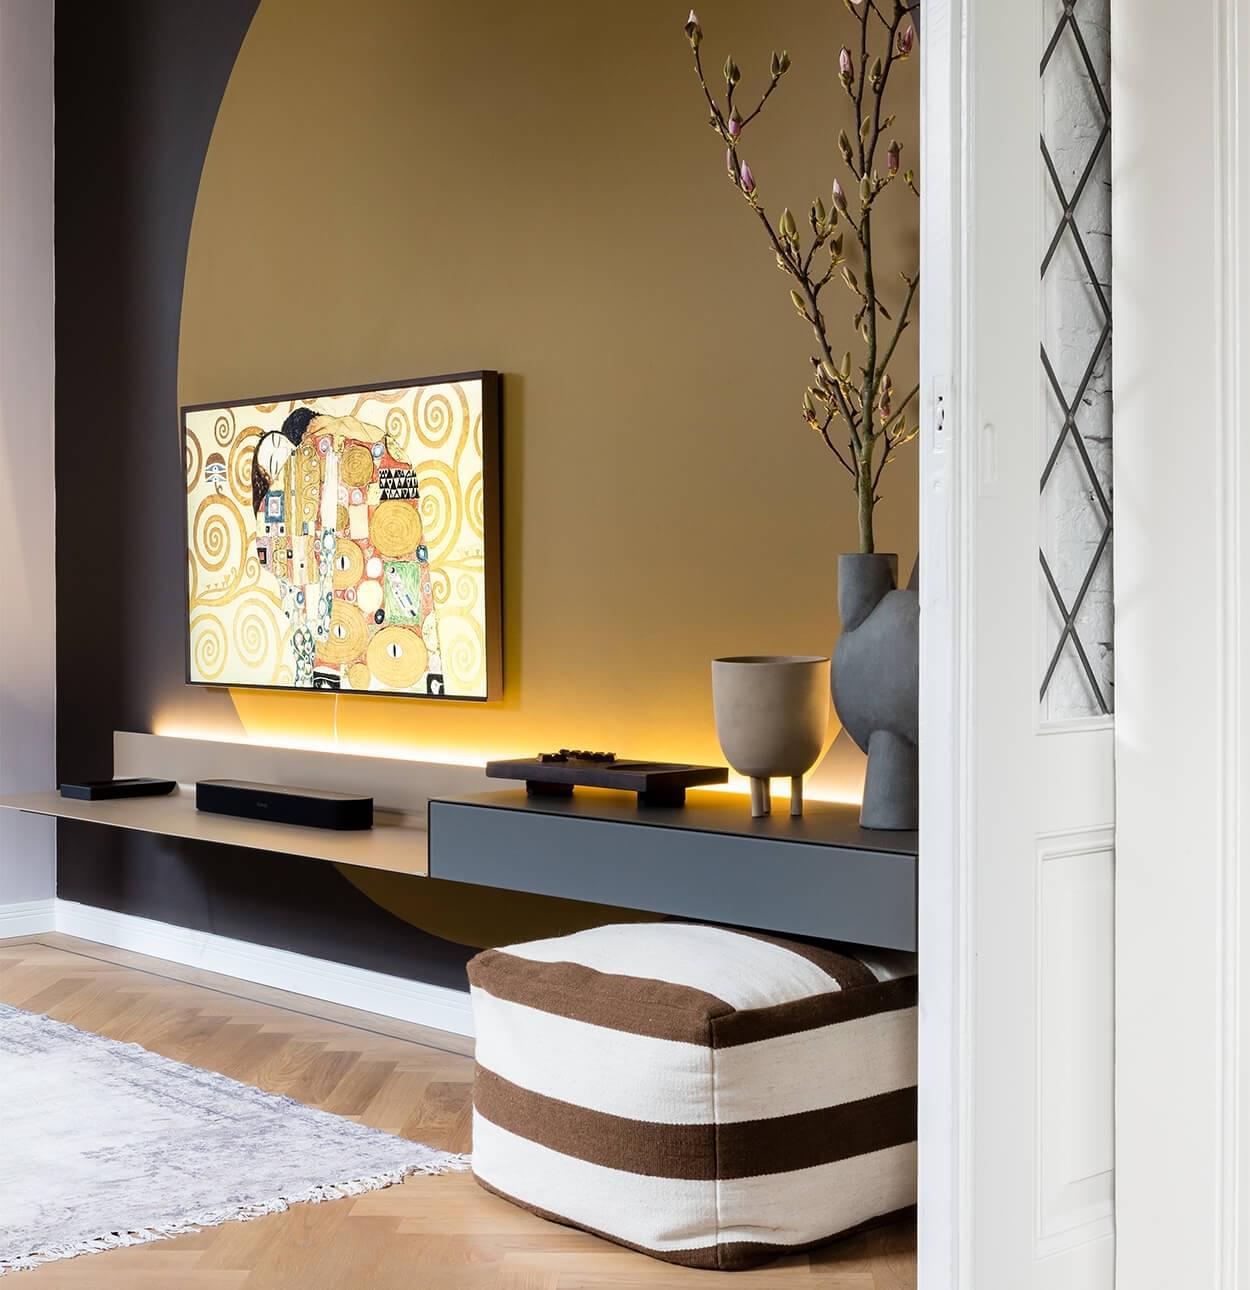 Full Size of Spectral Smart Furniture Audio Mbel Gmbh Sofa Petrol Recamiere Bezug 2 5 Sitzer Mit Holzfüßen Garnitur Teilig überzug Büffelleder Blau Benz Koinor Wohnzimmer Sofa Konfigurator Höffner